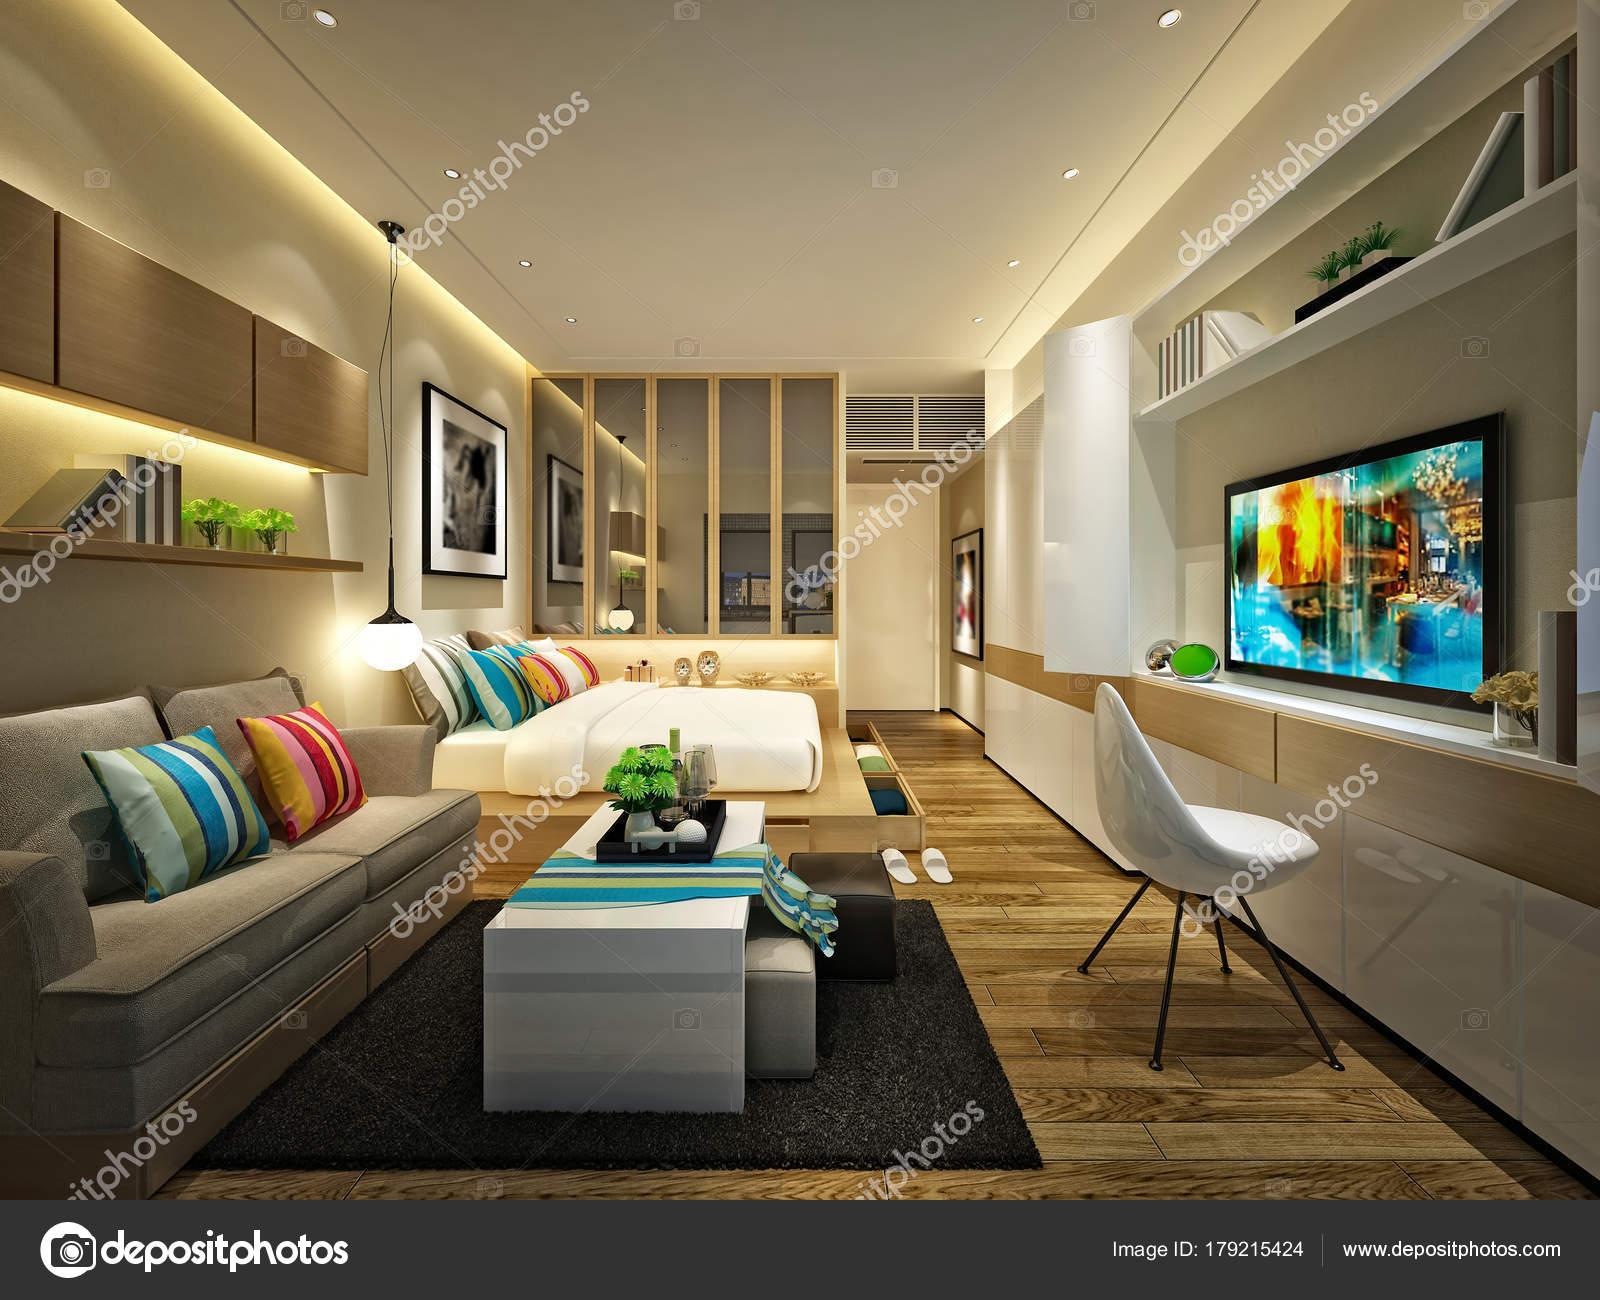 Rendern Von Luxus Schlafzimmer — Stockfoto © mtellioglu #179215424